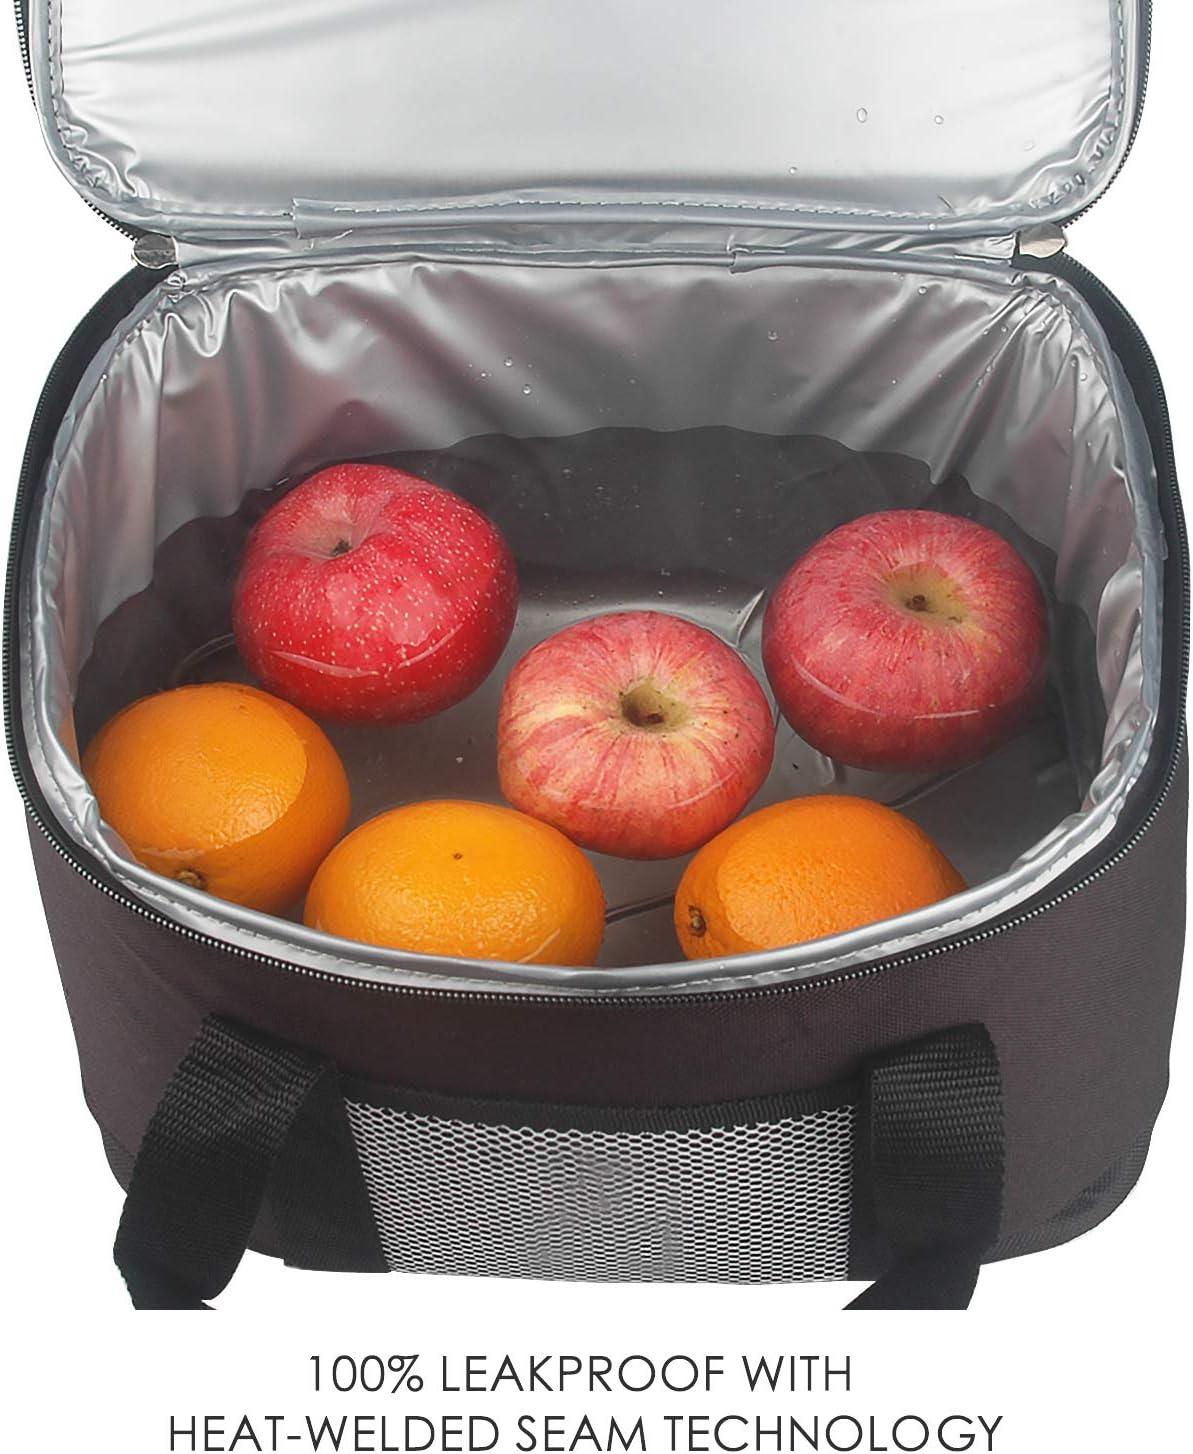 Felokont Sac Isotherme Repas Adultes Enfants Lunch Bag Sac /à D/éjeuner pour Travail Ecole Travail Pique-Nique 10L Rose